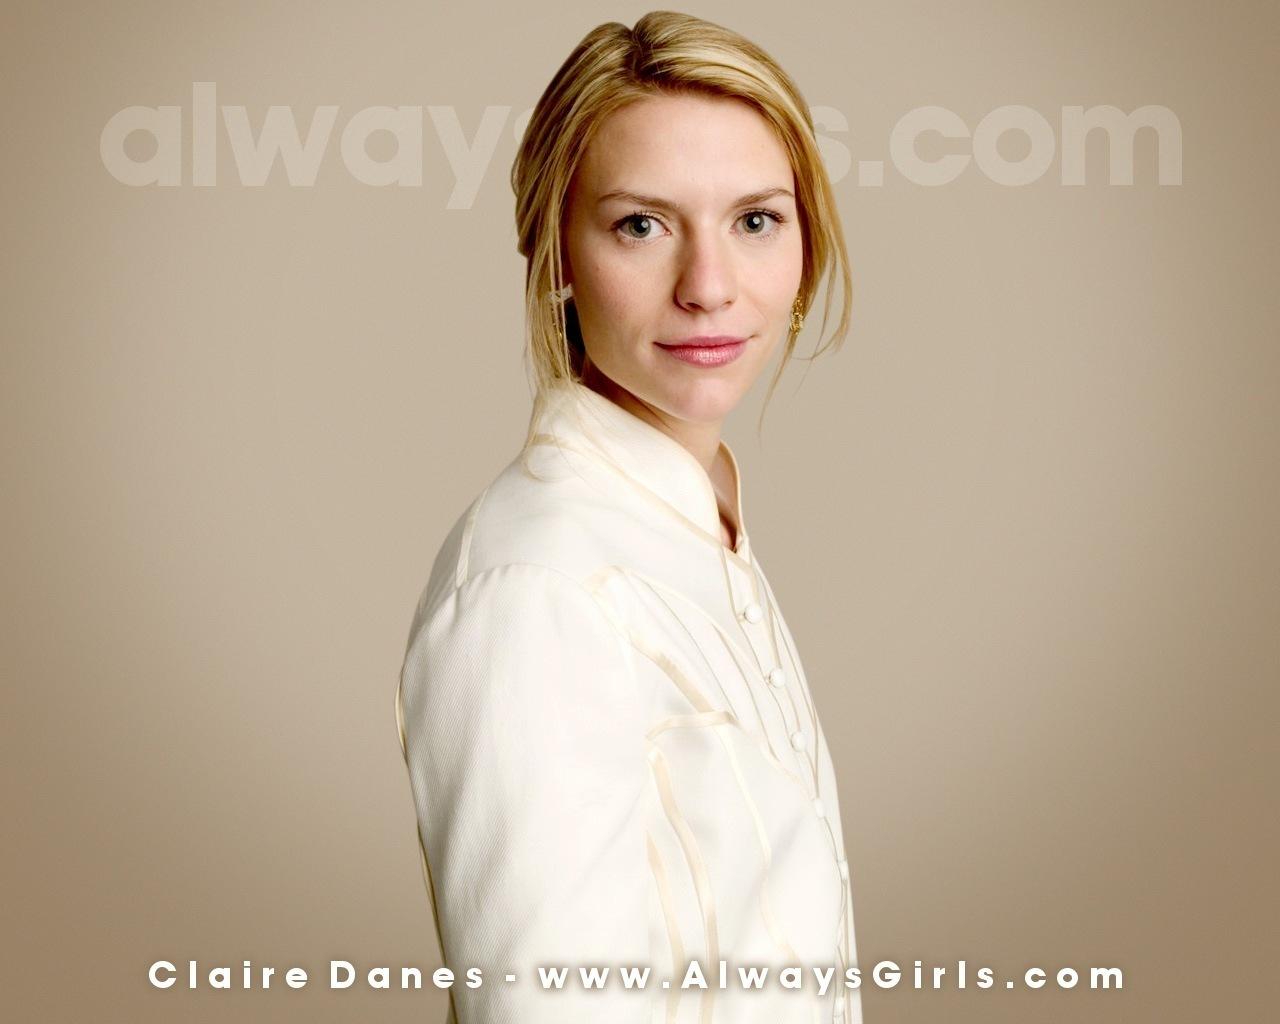 Claire Danes images Claire Danes wallpaper photos (10308327) Claire Danes